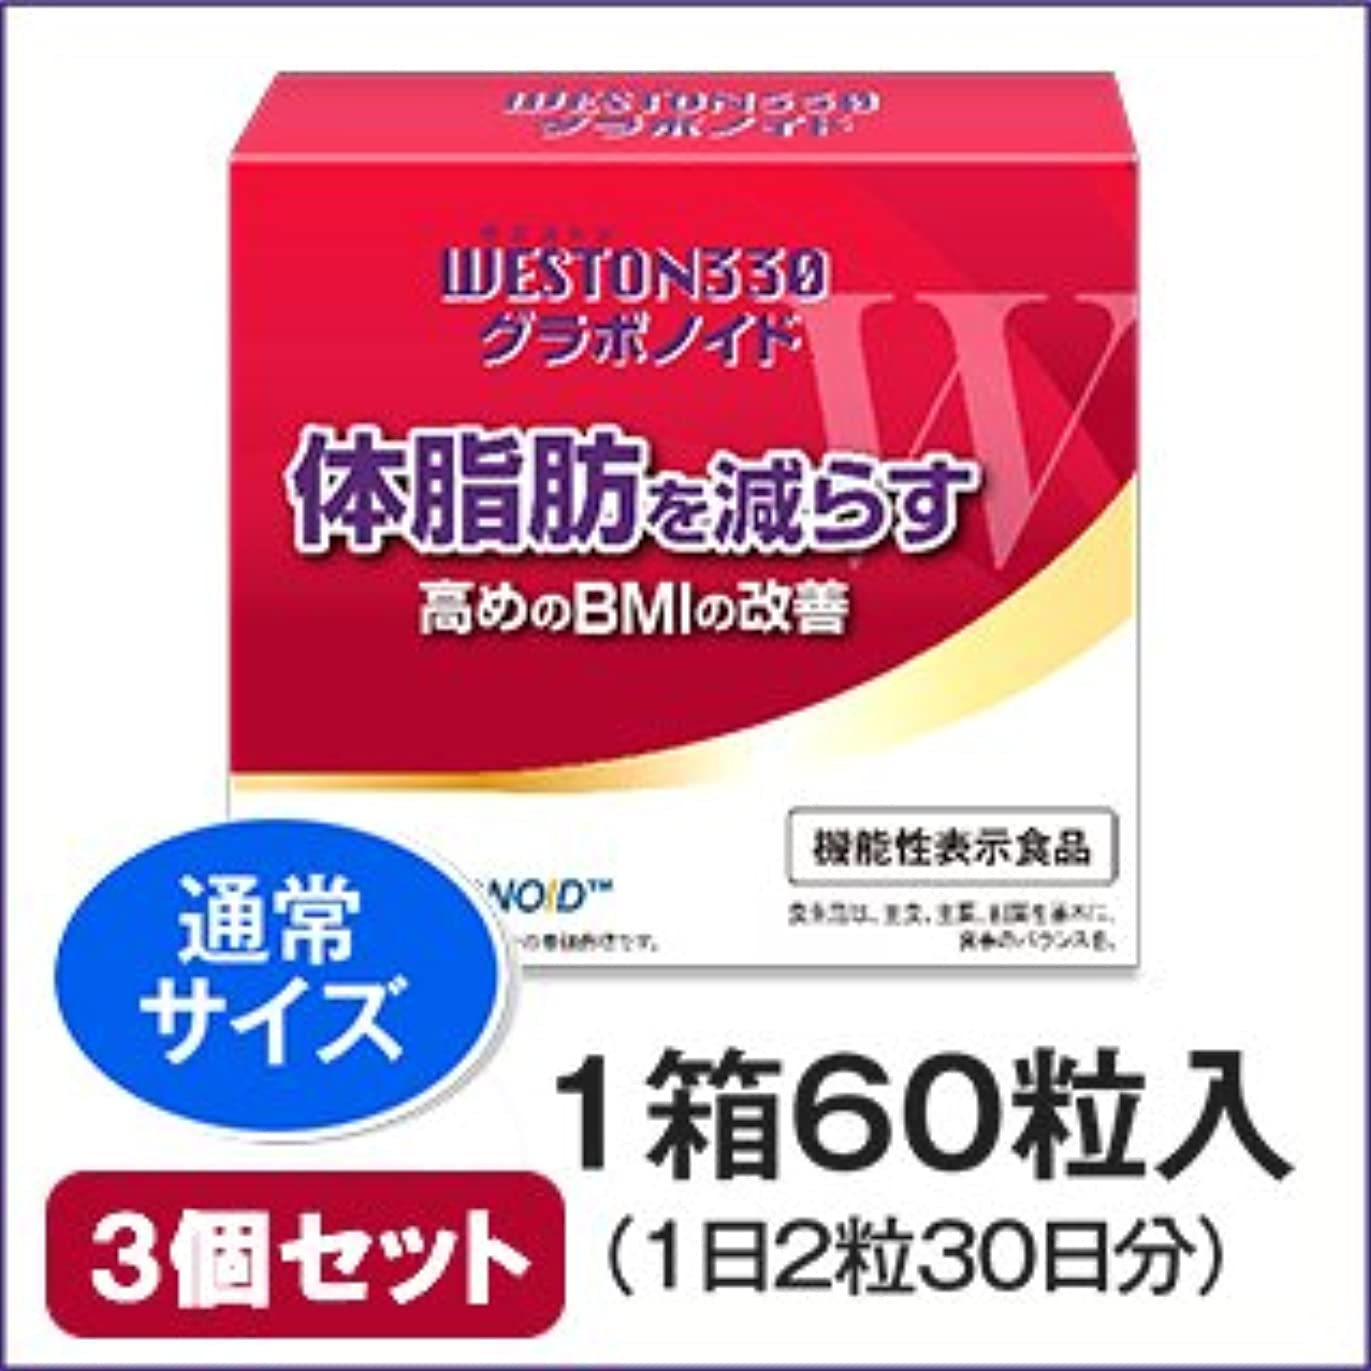 脅威粘り強いマトロンウエストン330グラボノイド(30日分 1箱60粒入り)×3個セット